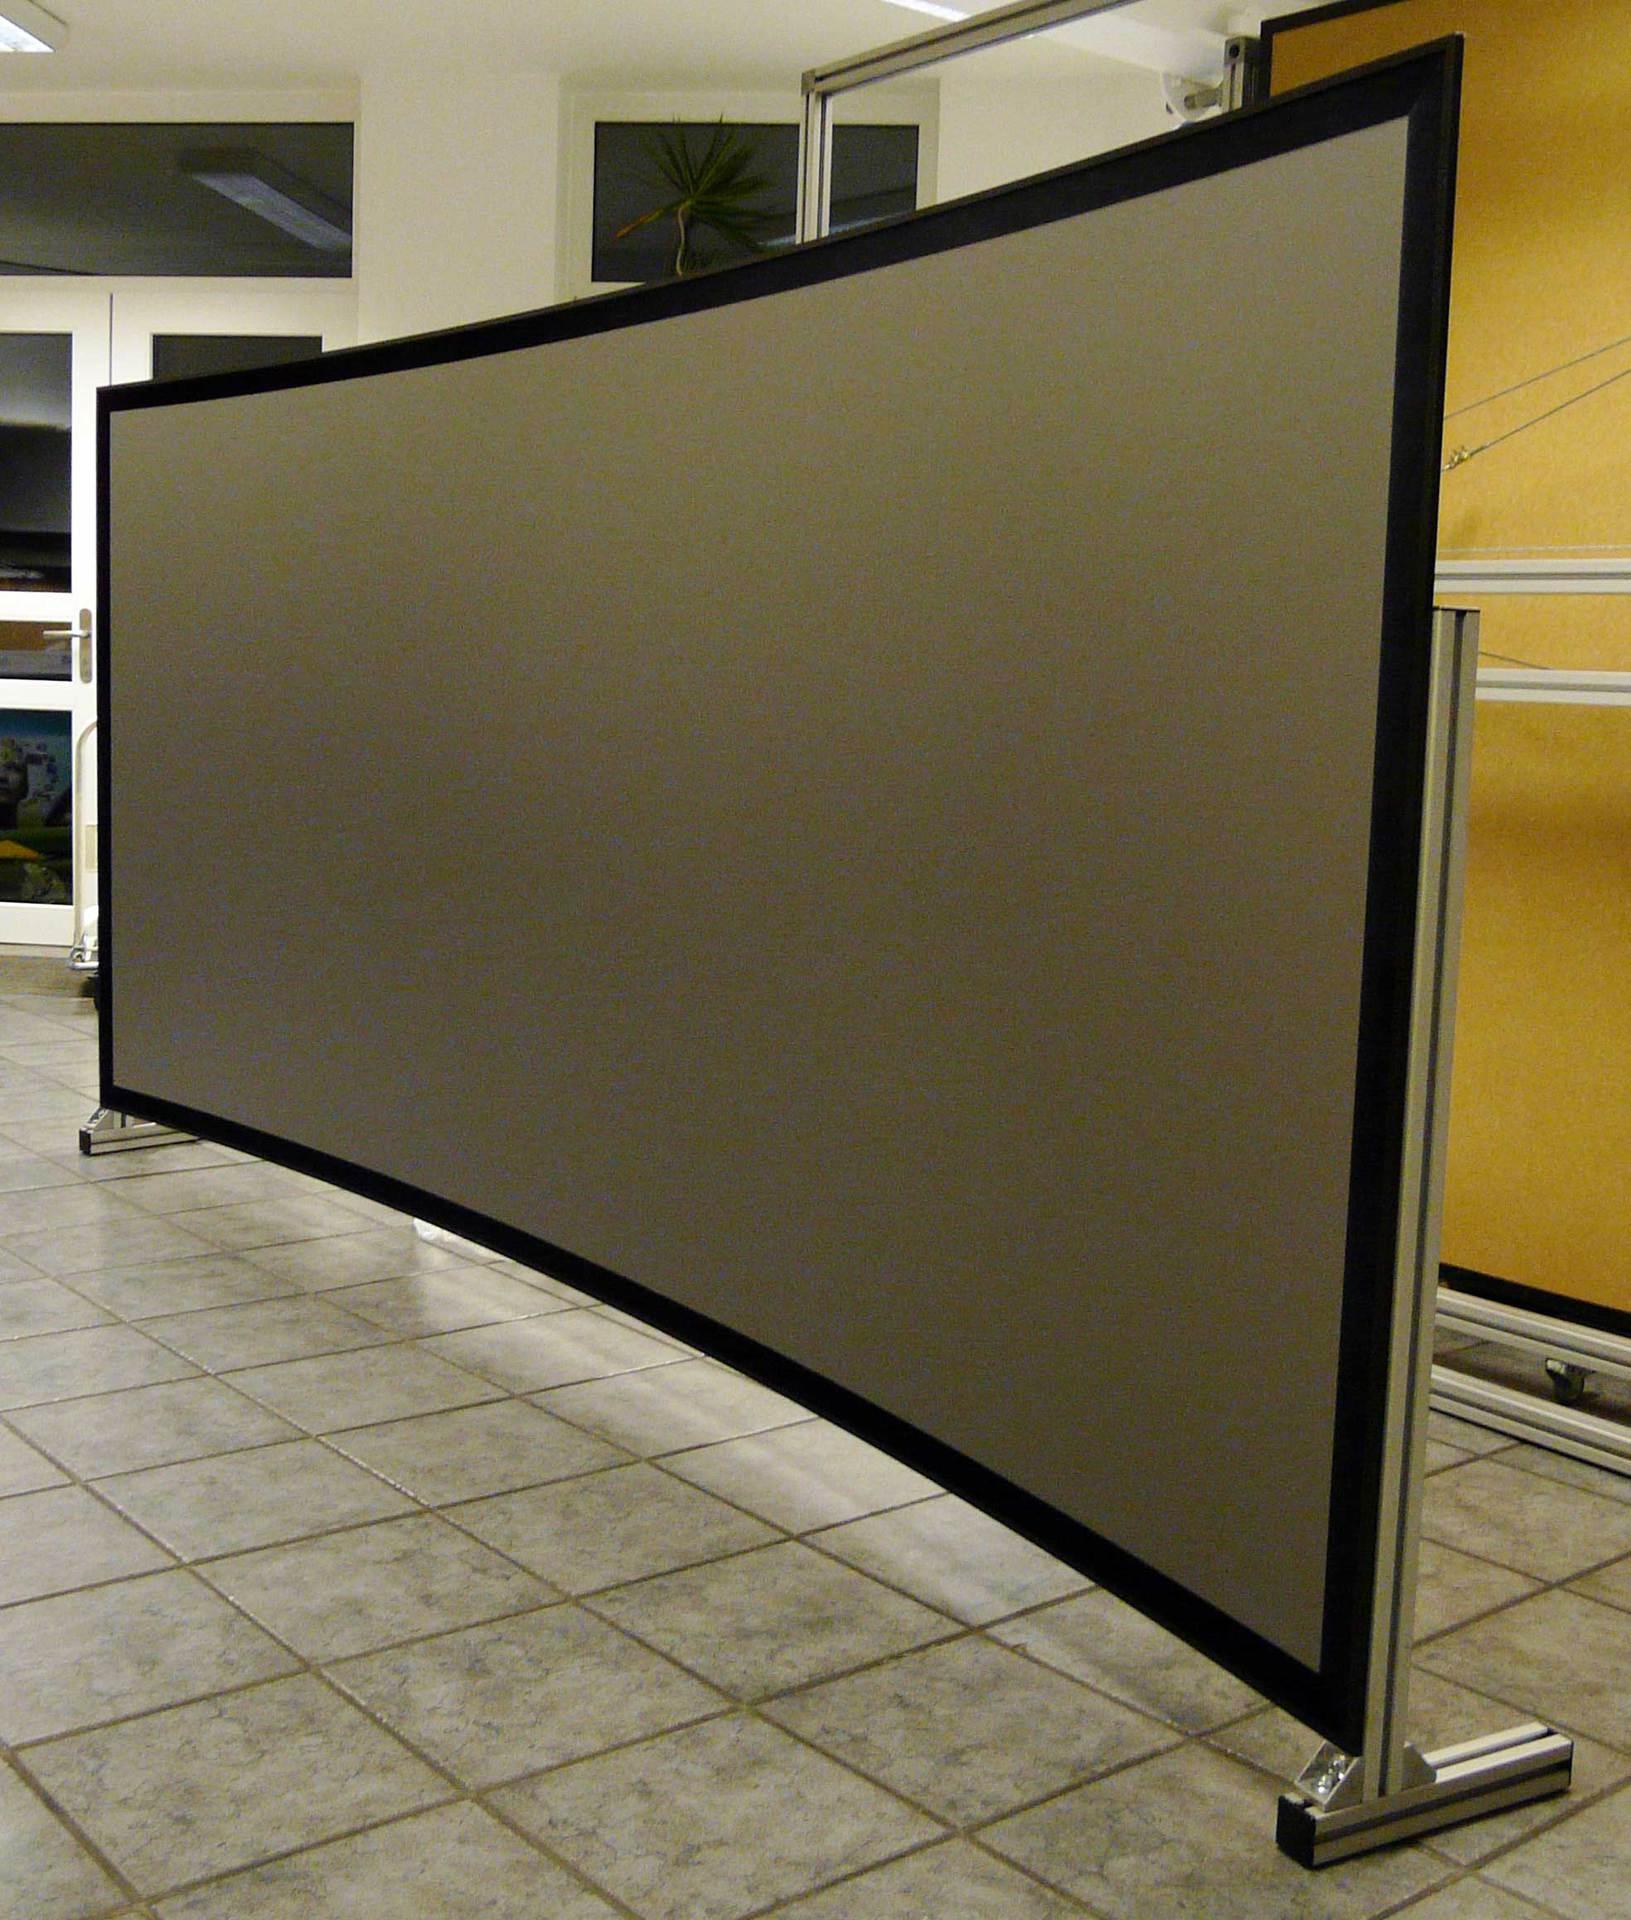 Couchscreen leinwand 133 zoll couchscreen couchscreenleinwand heimkinowohnzimmer - Couchscreen leinwand ...